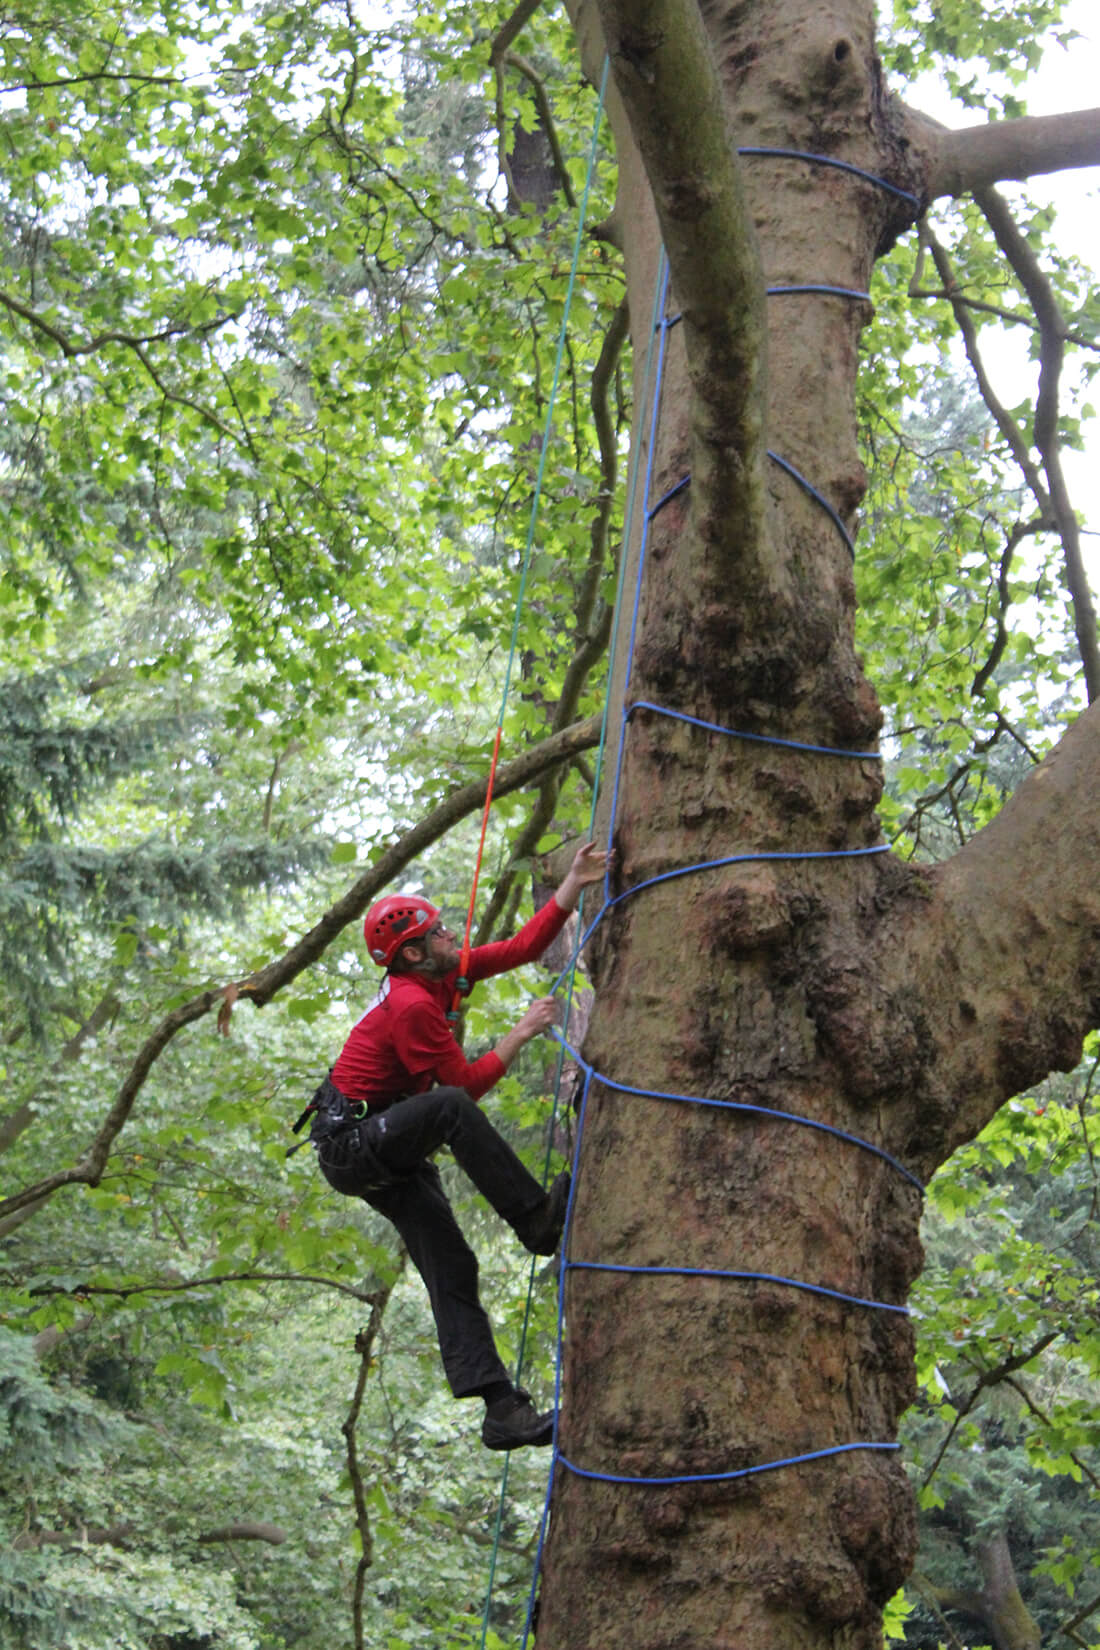 Tree Climbing Experience In Tanagro Valley Borghi Italia